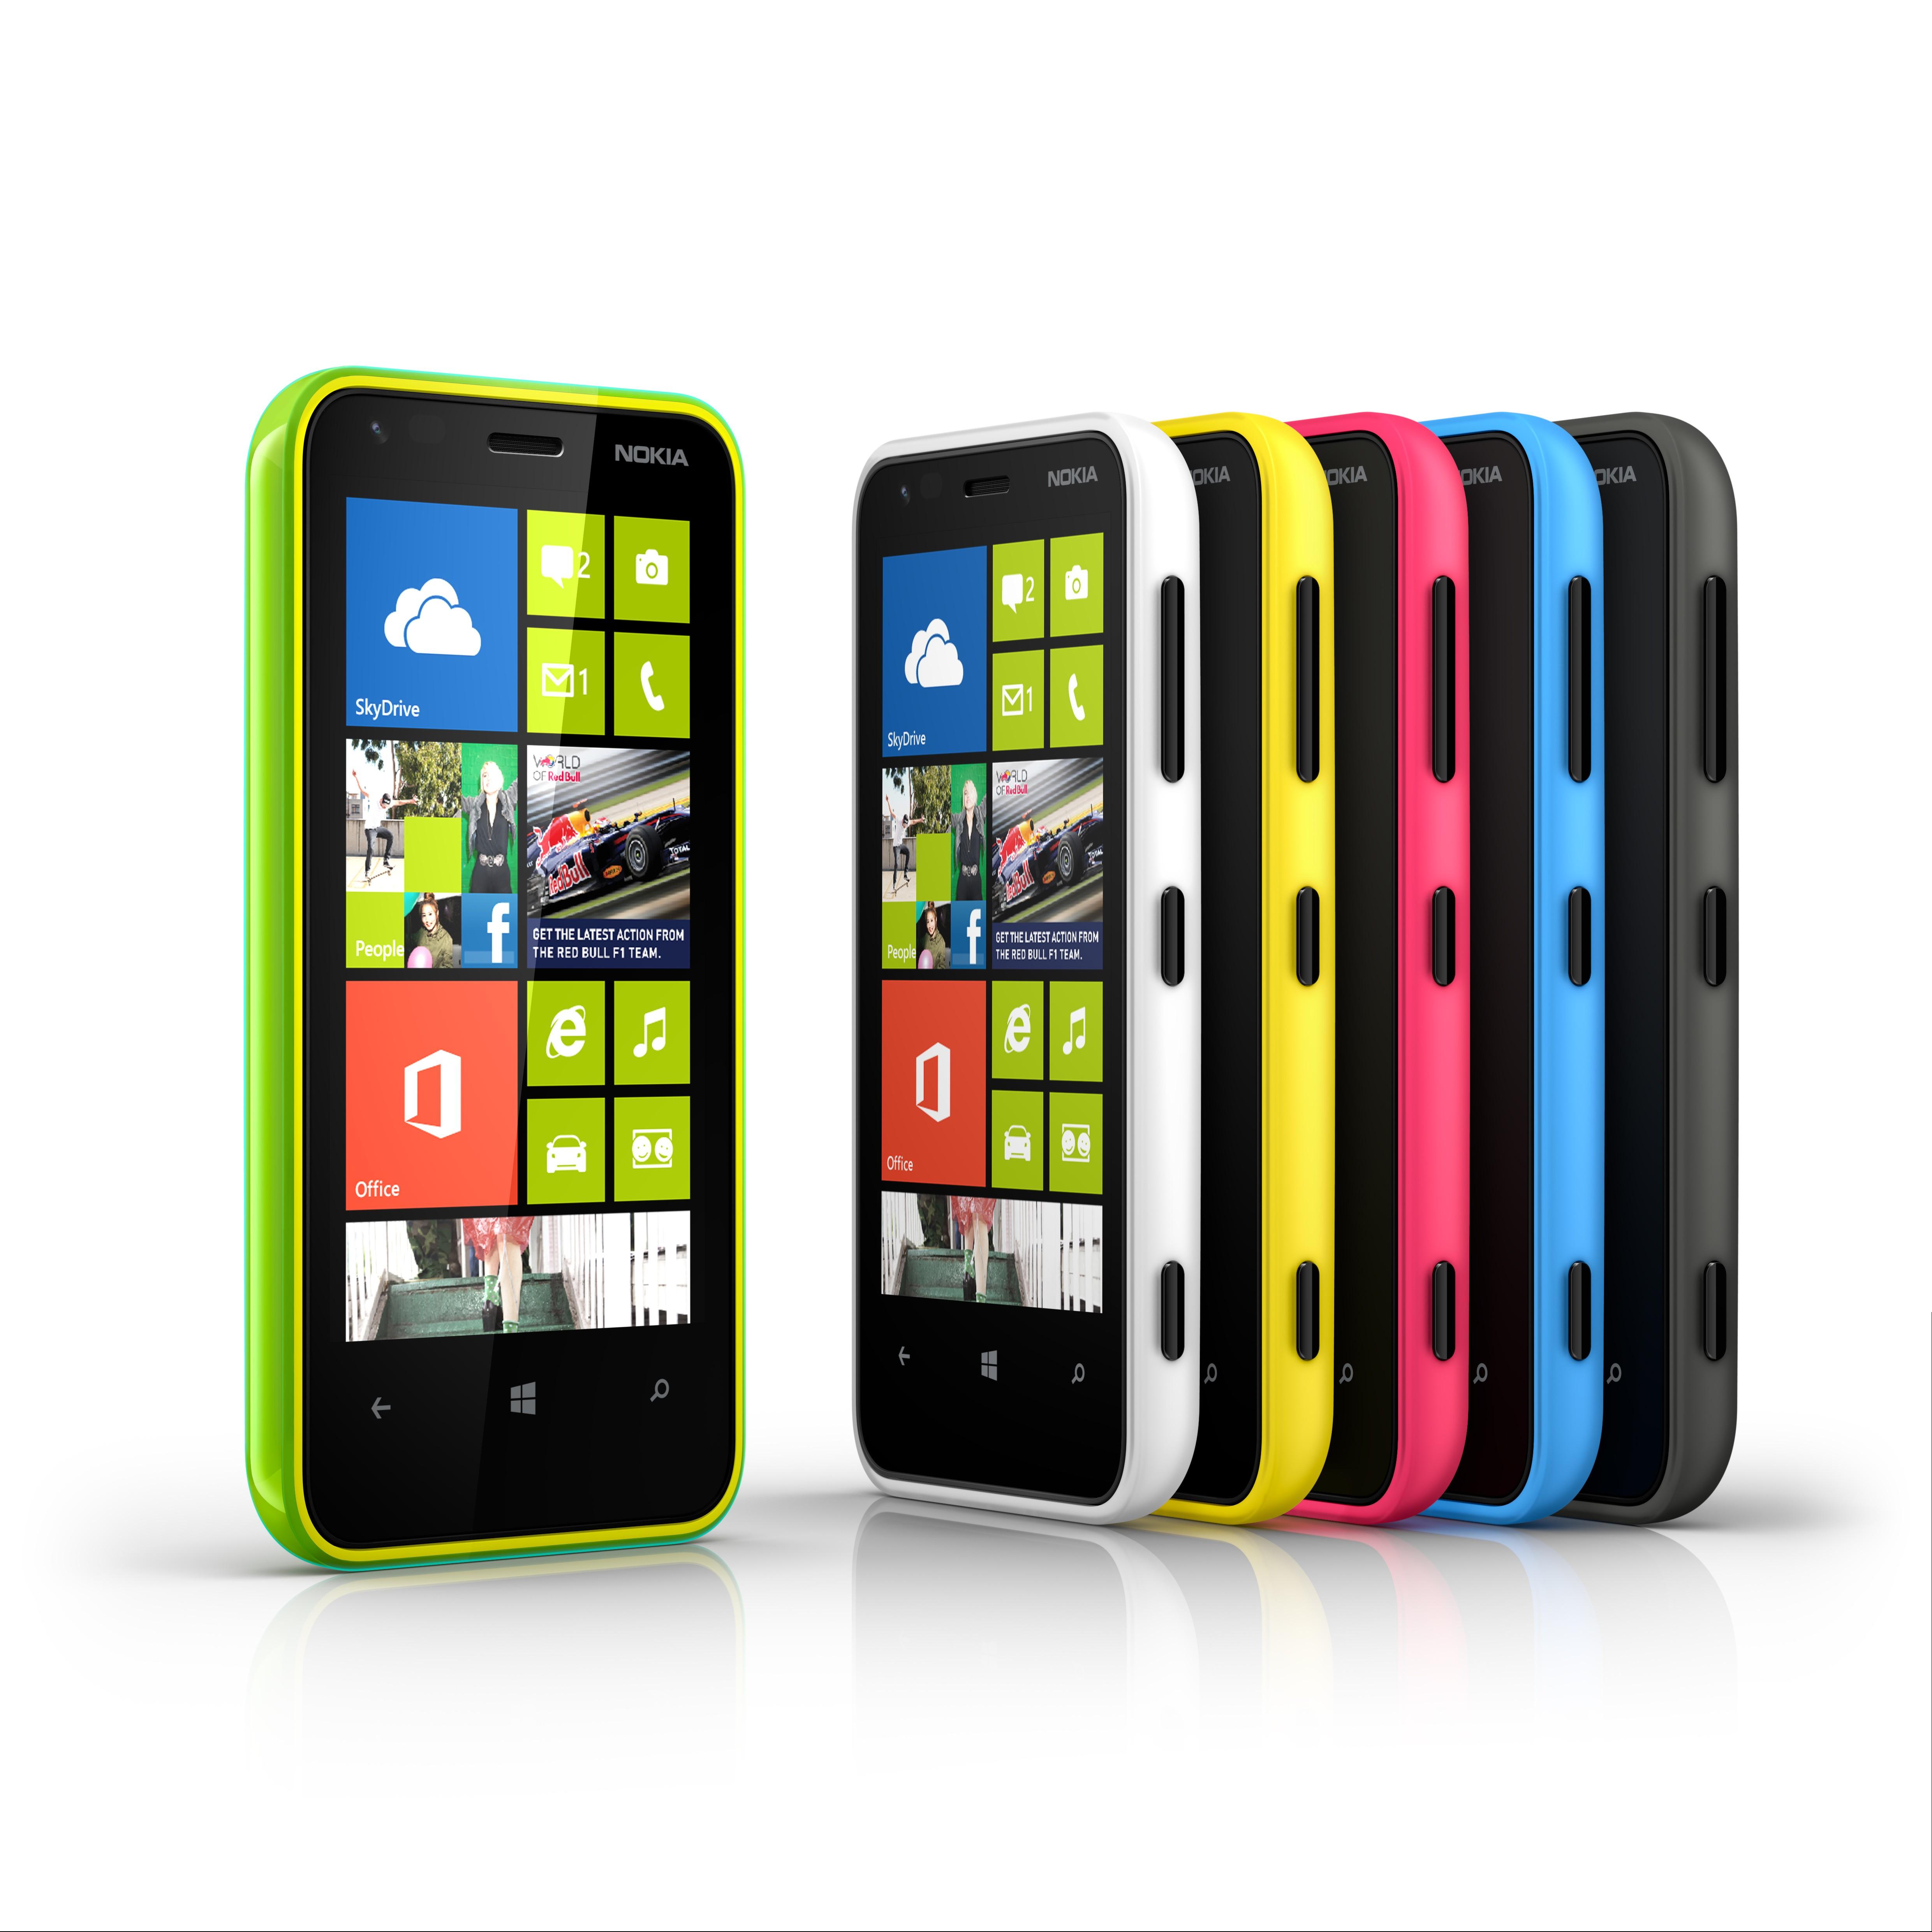 Présentation du Lumia 620, un WP8 milieu de gamme coloré et compact